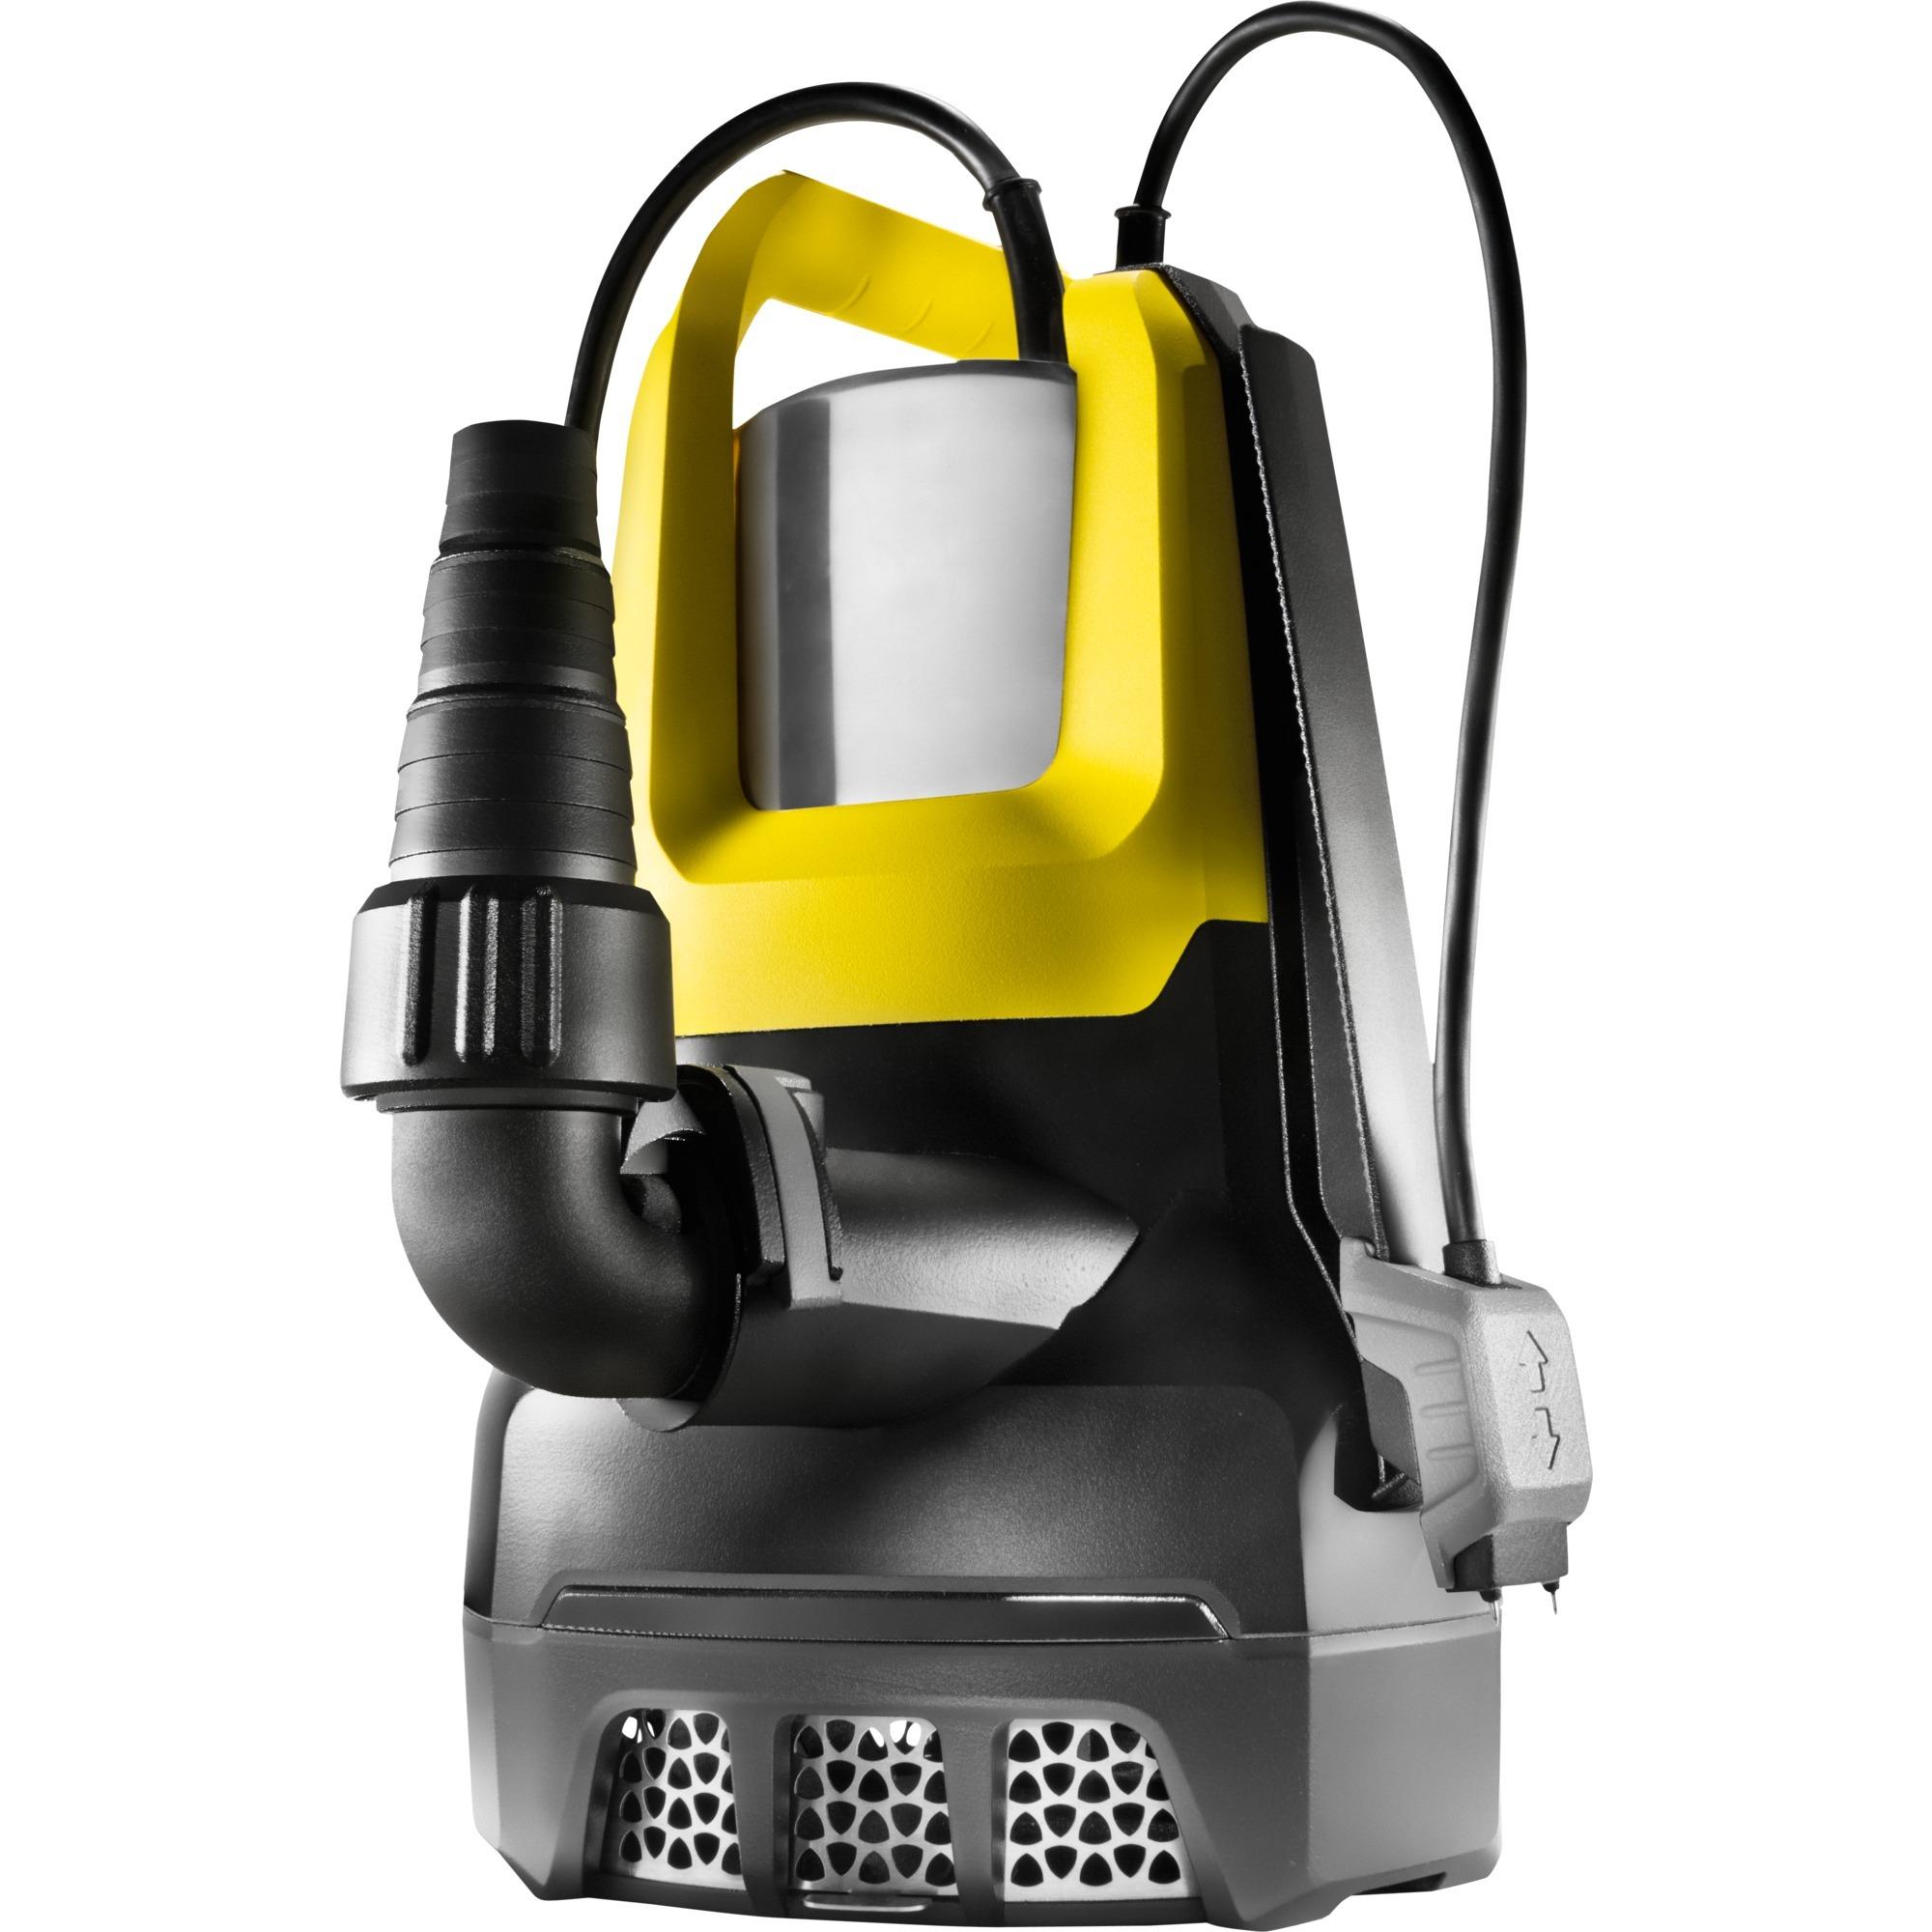 Bomba sumergible de agua sucia SP 7 Dirt Inox , Bombas presión e inmersión